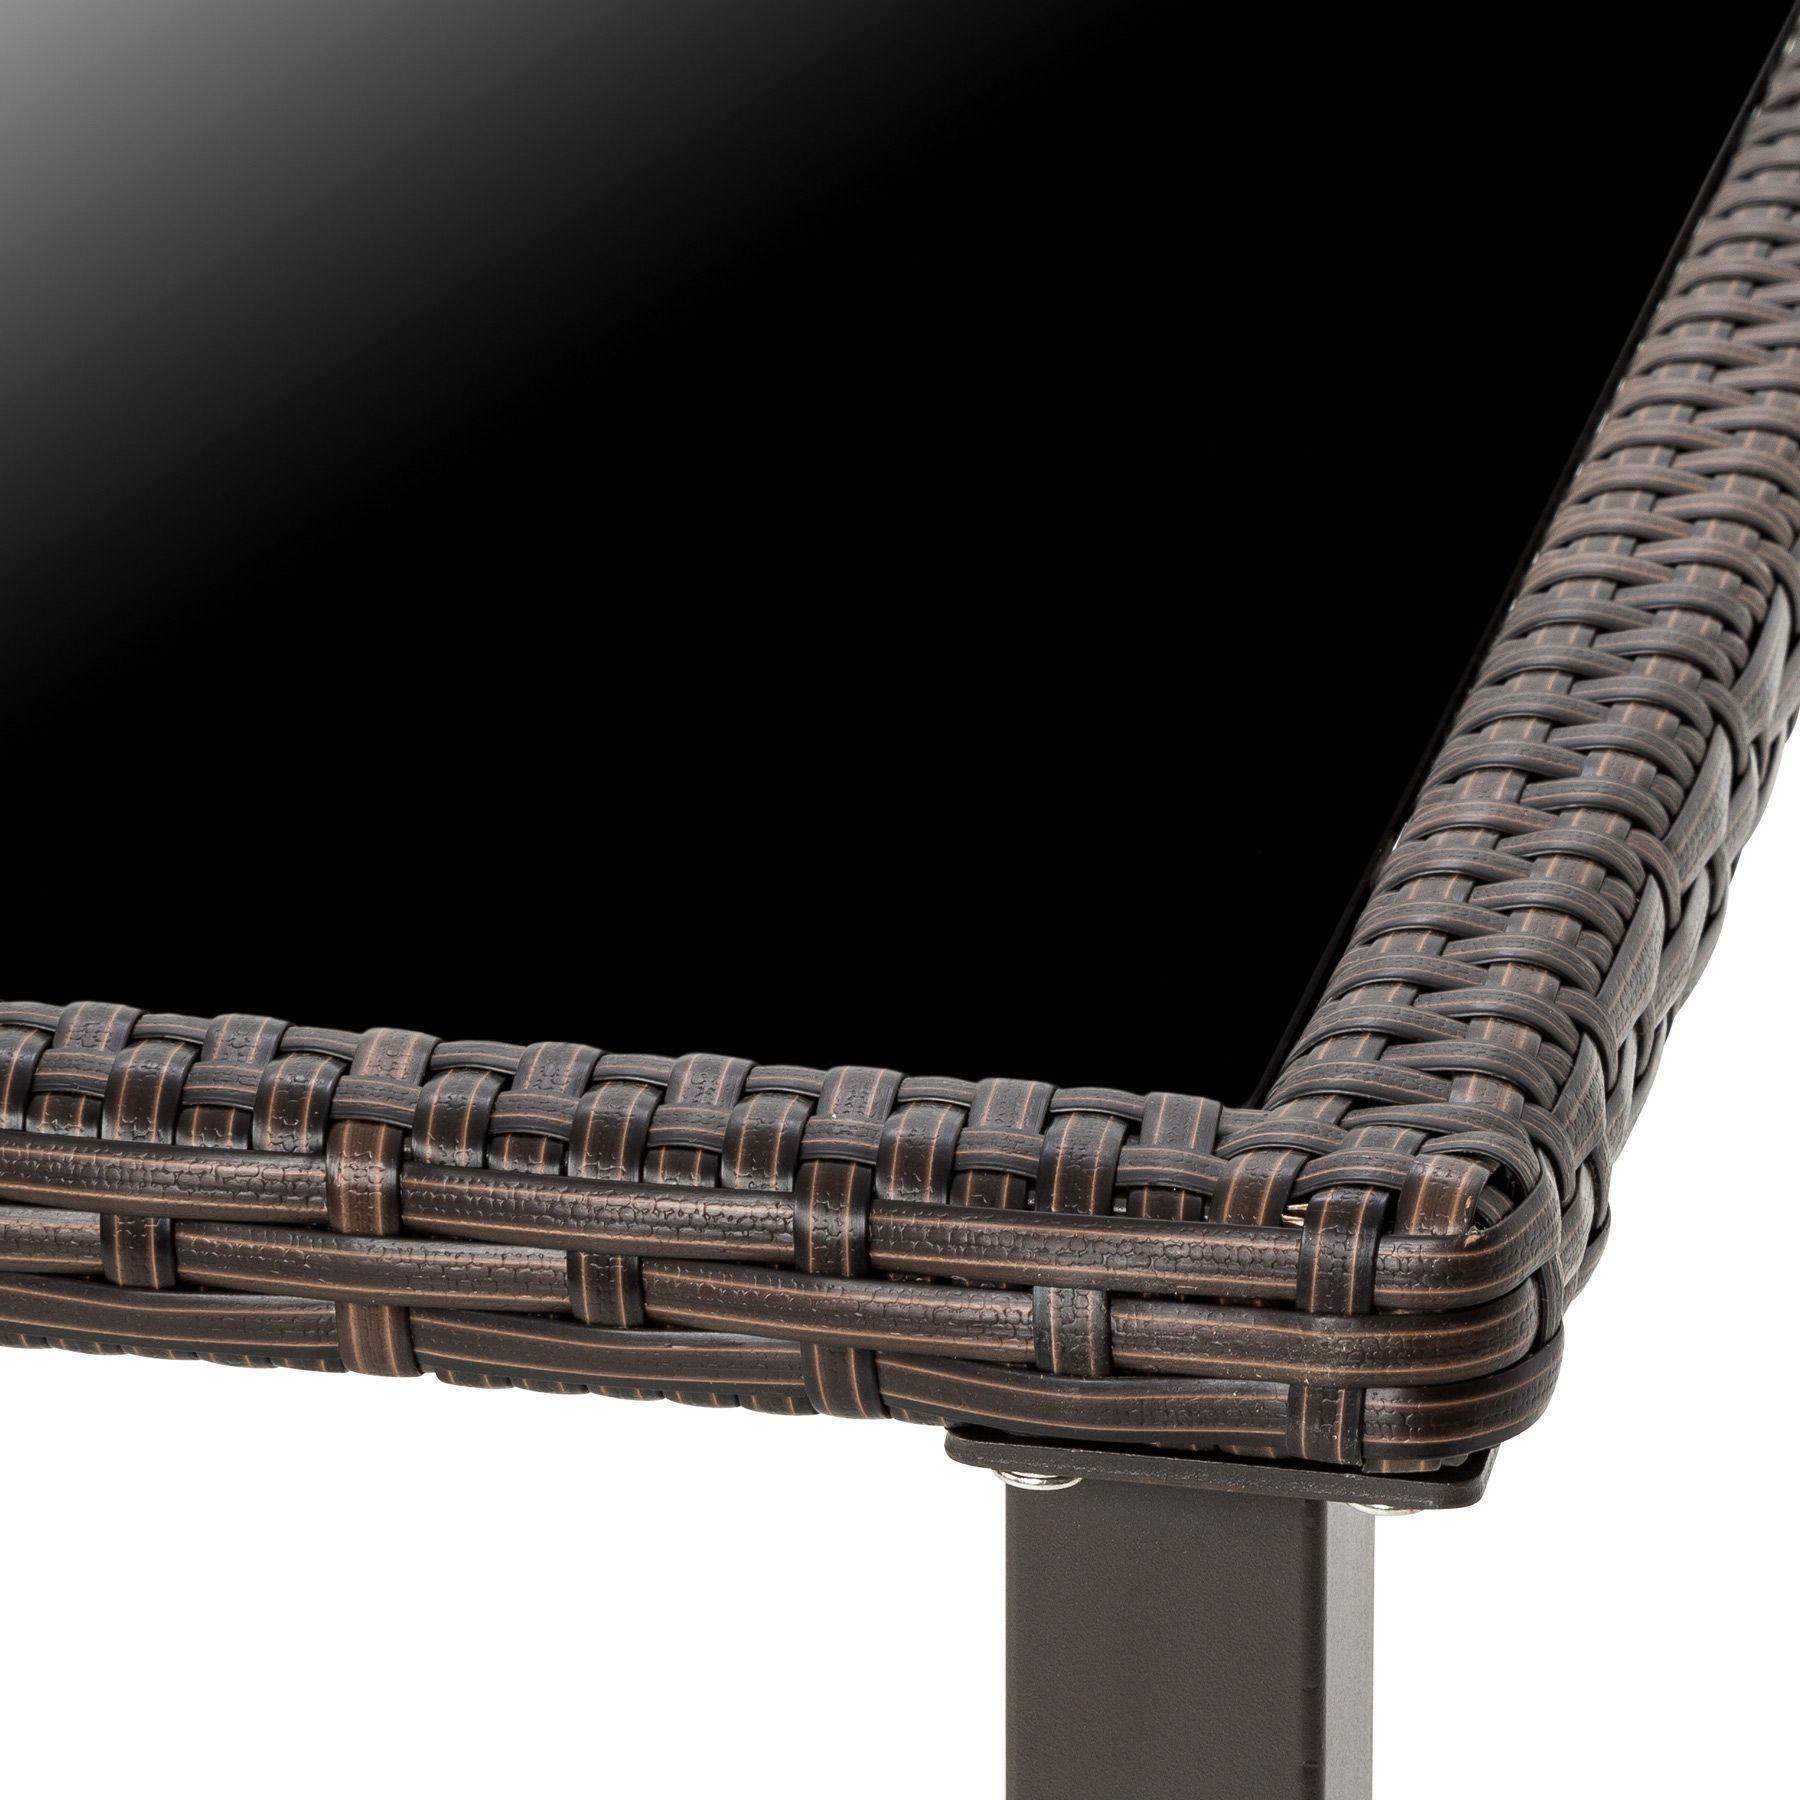 Conjunto muebles de jardín terraza ratán sintético exterior 4 sillas ...